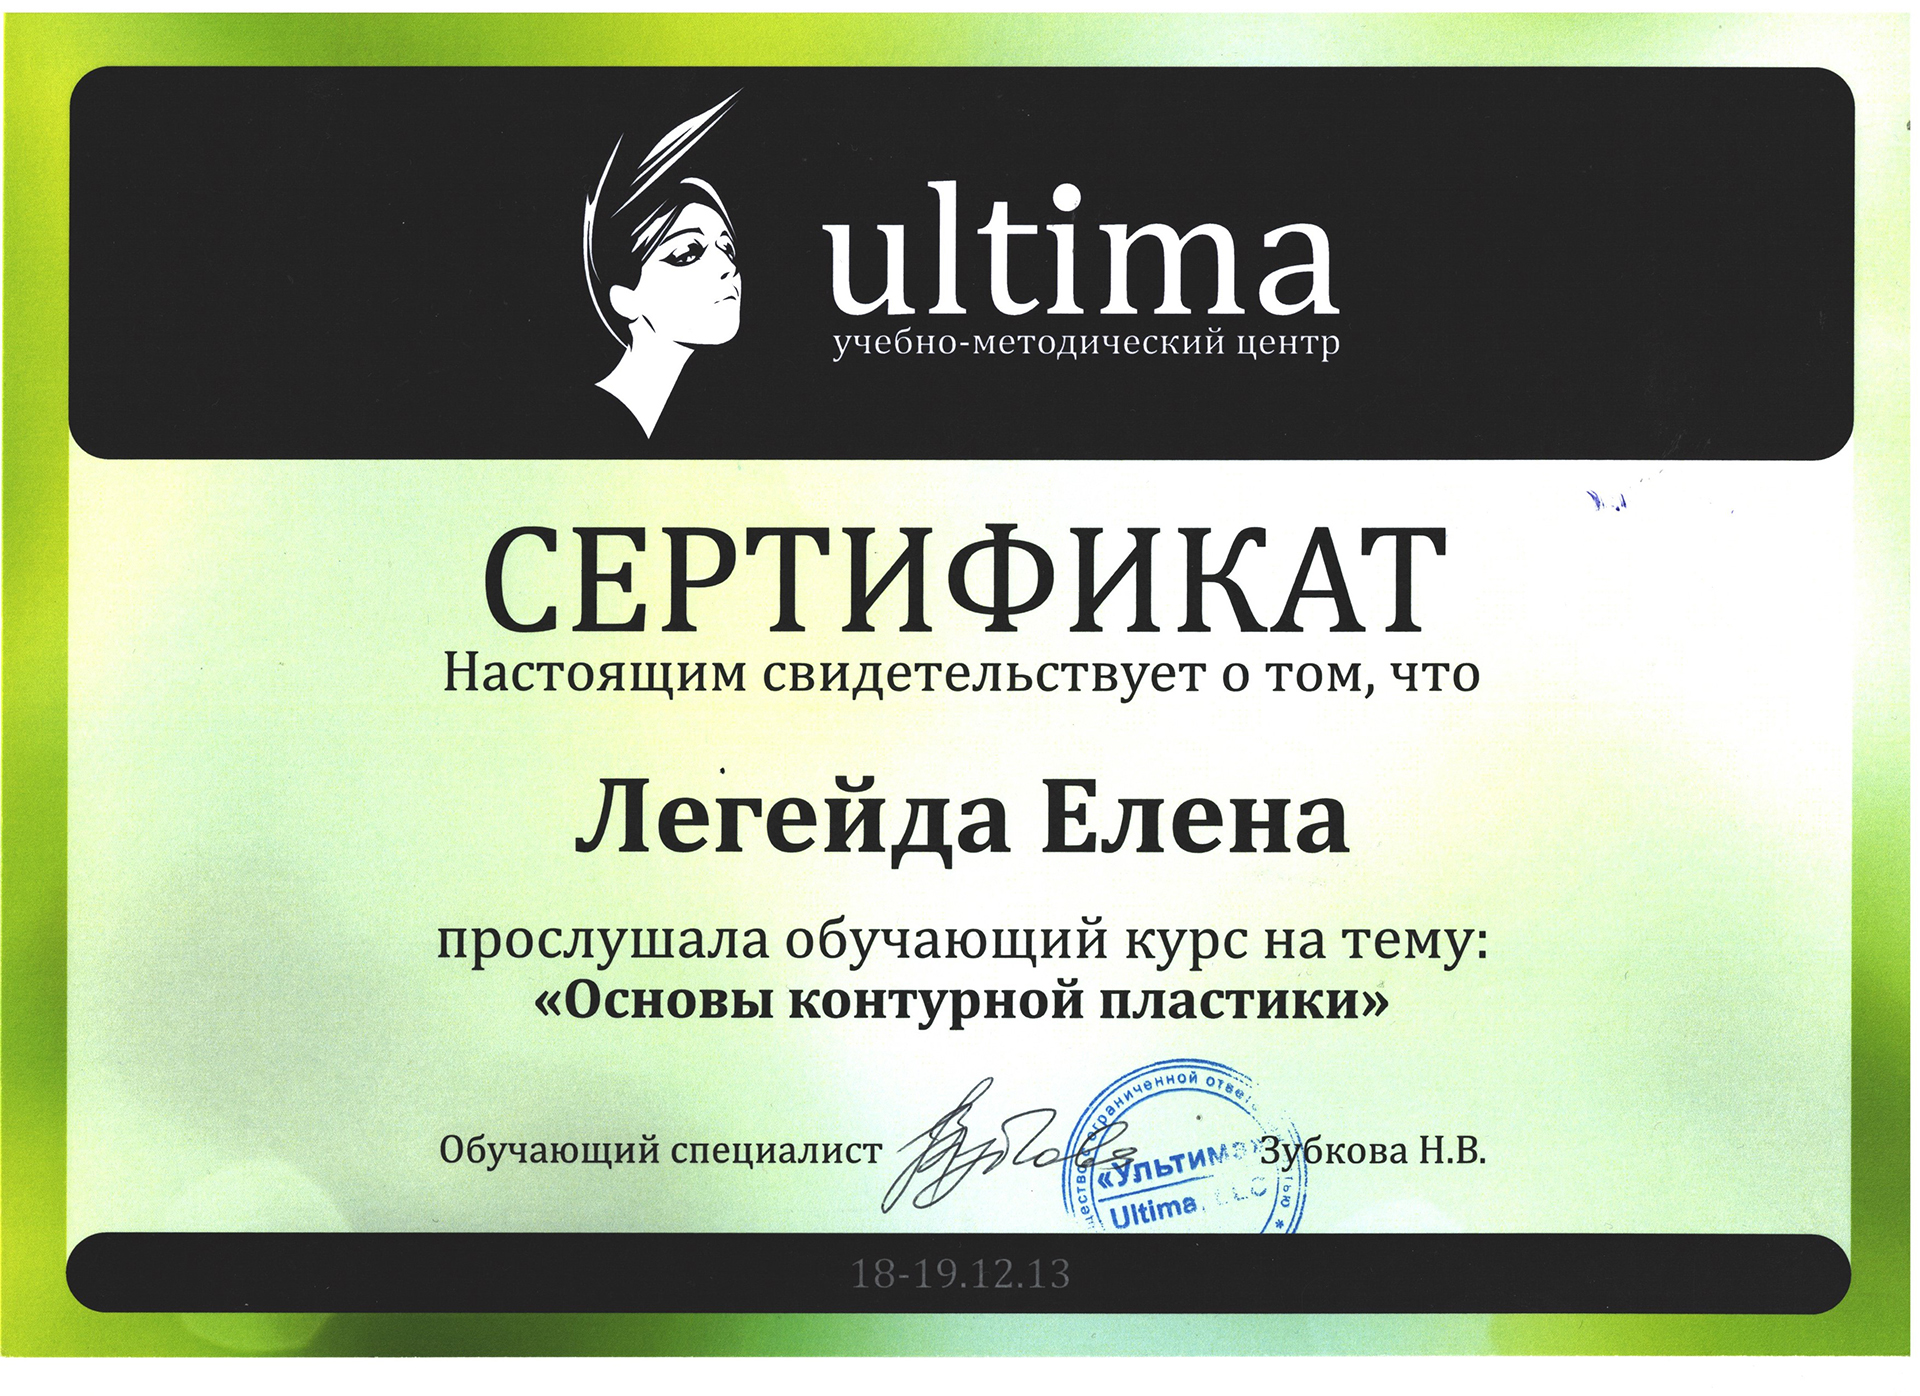 Сертификат — Курс «Основы контурной пластики». Легейда Елена Валерьевна